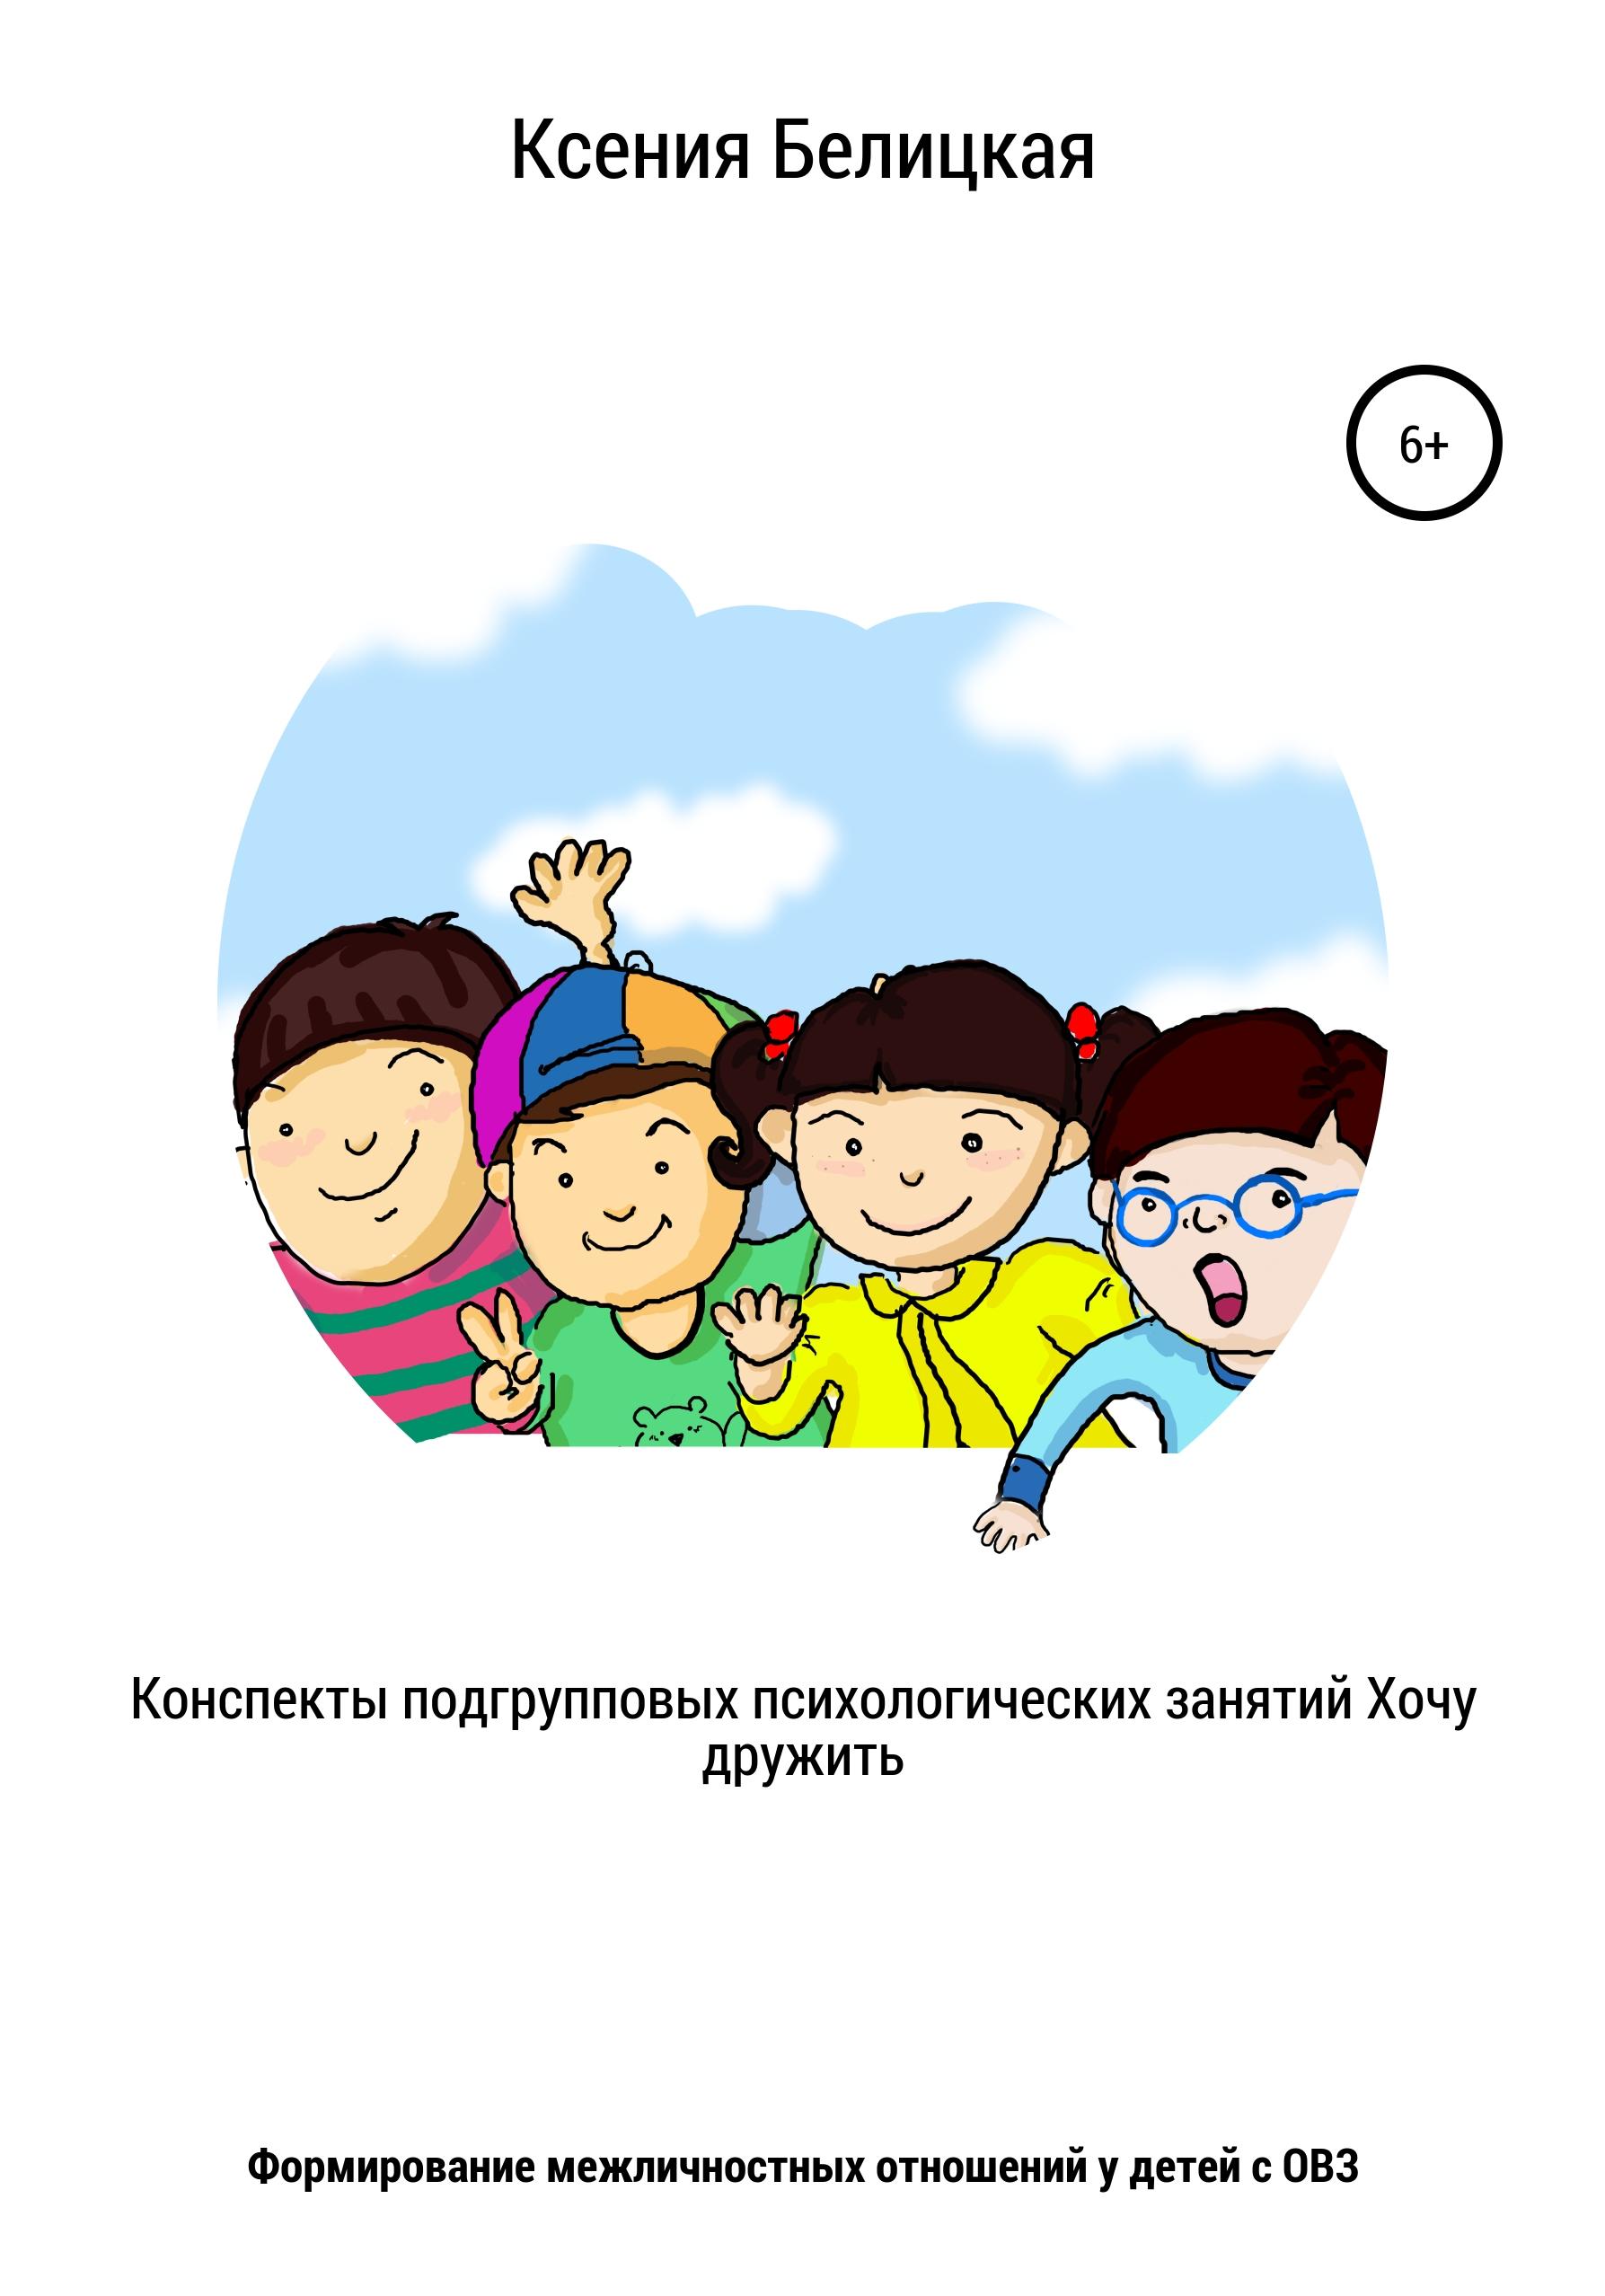 Ксения Белицкая - Конспекты подгрупповых психологических занятий «Хочу дружить!»